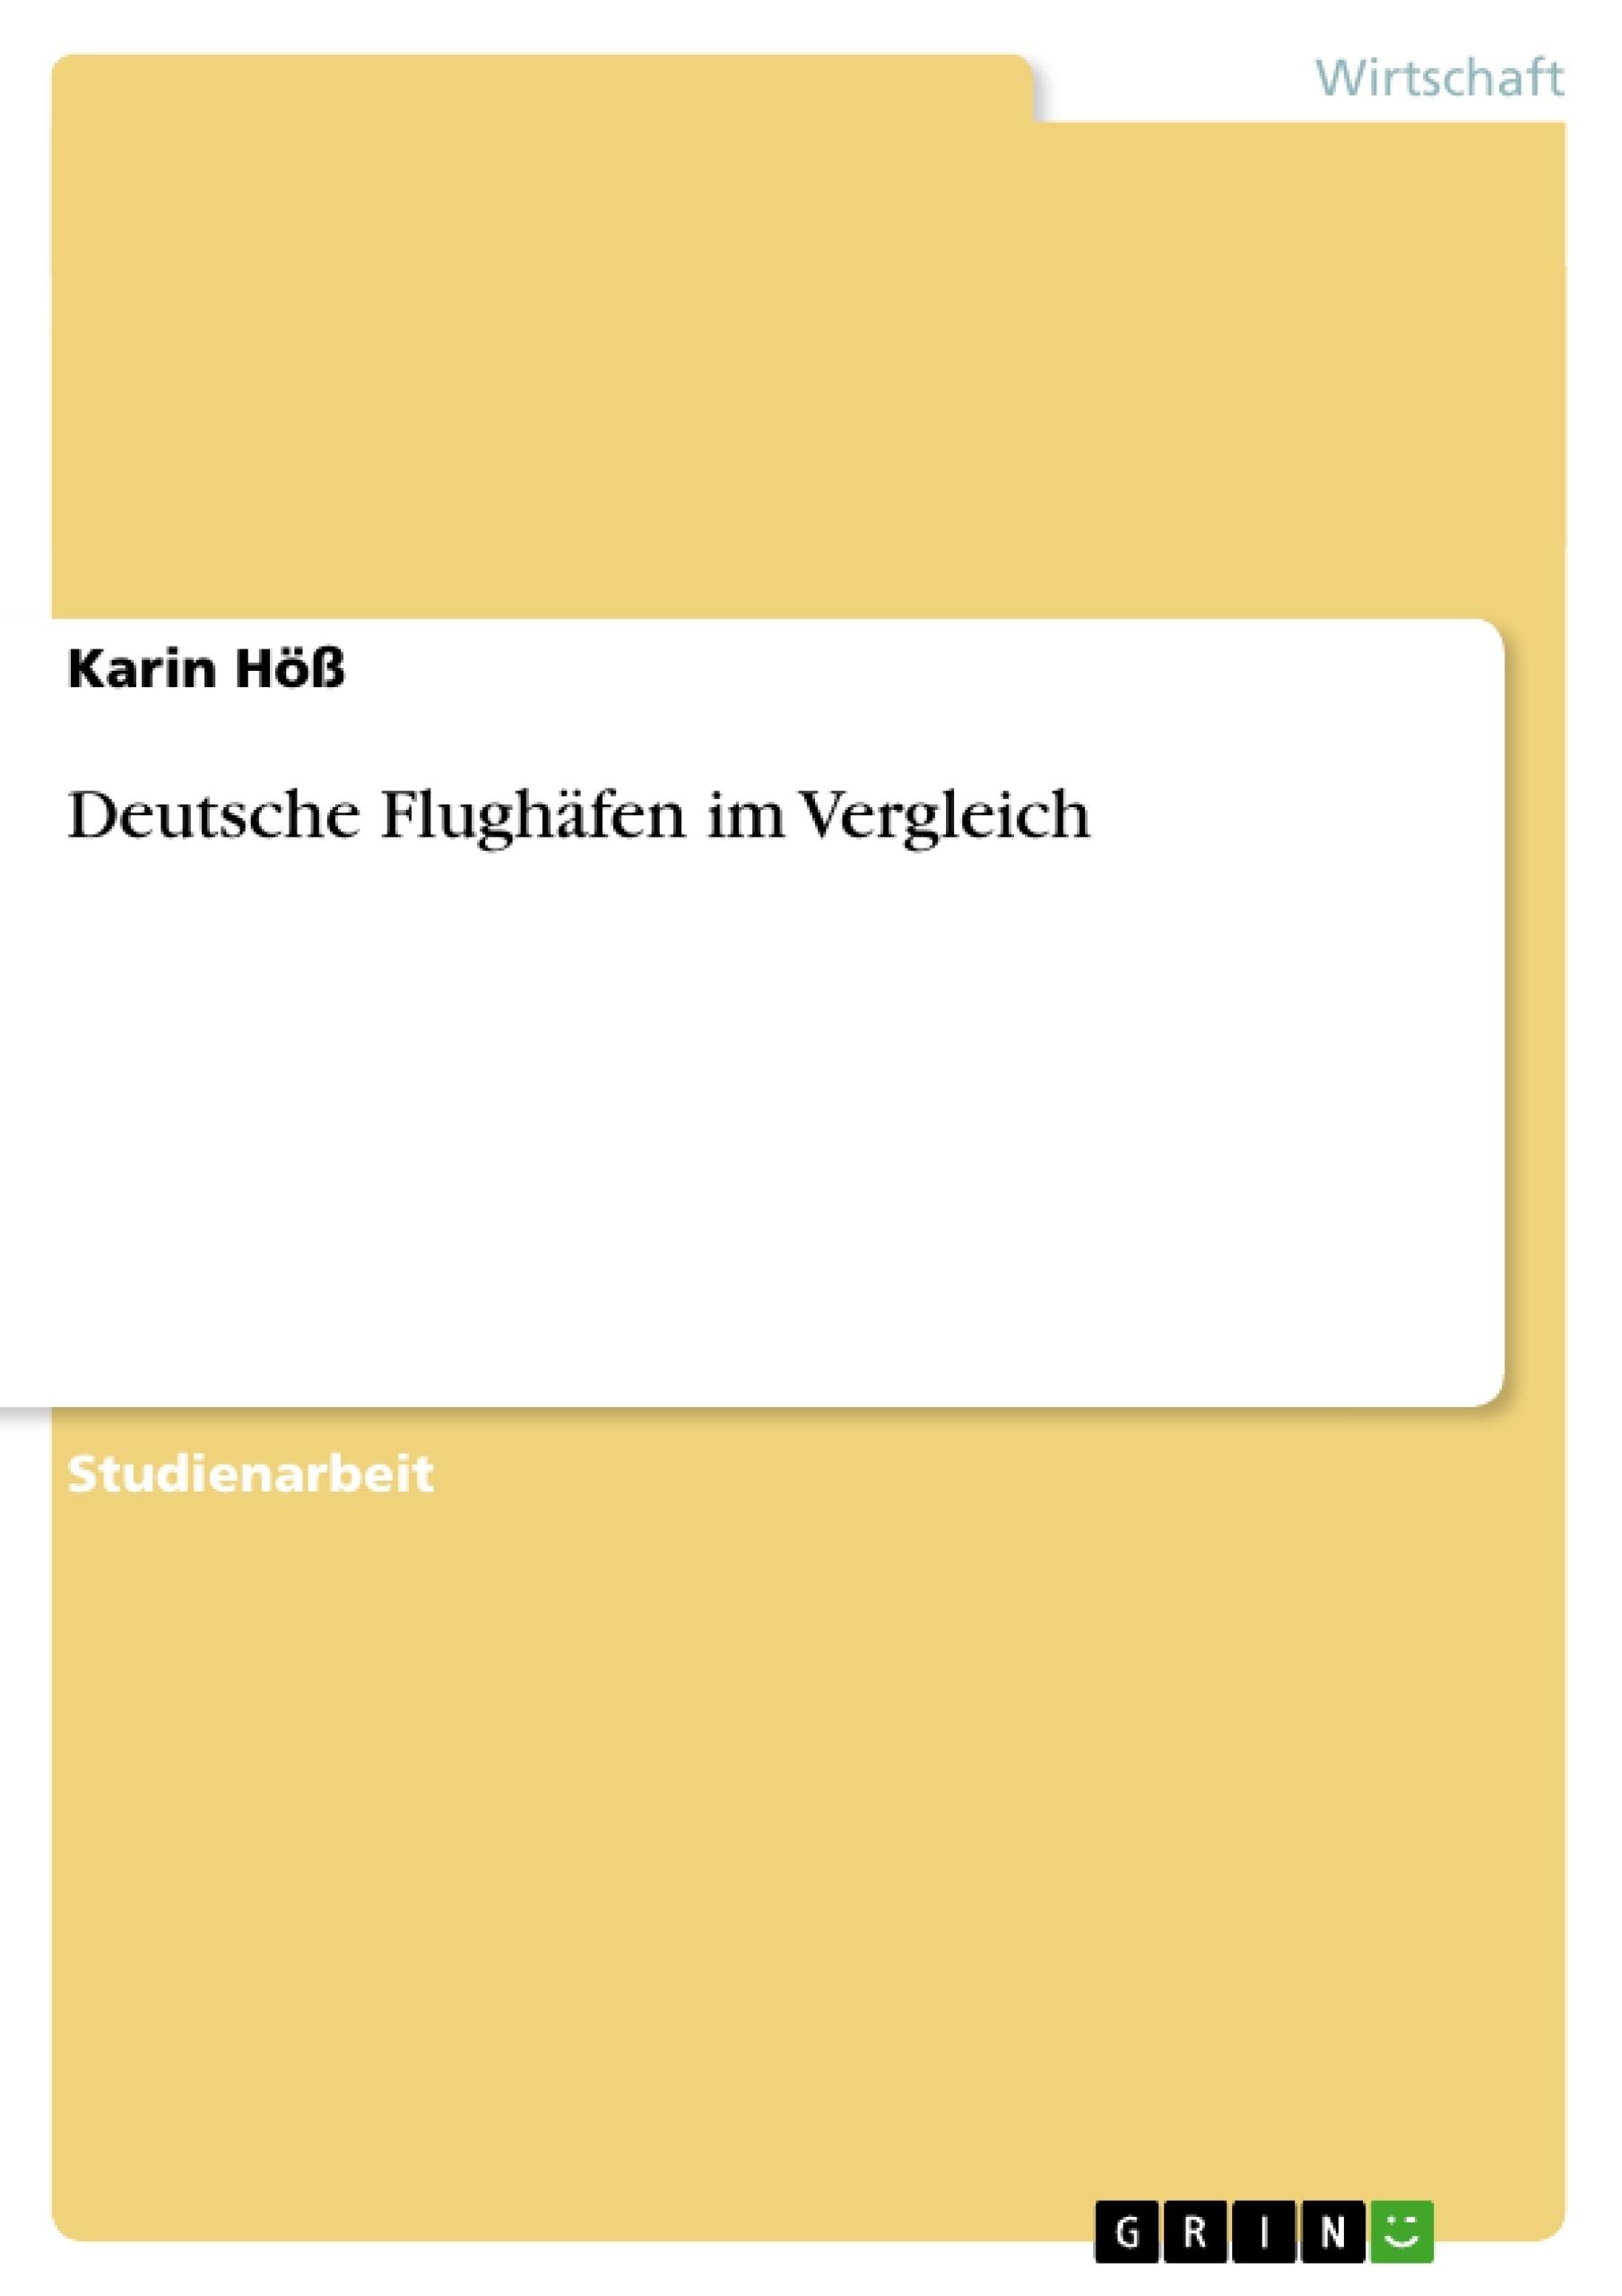 Titel: Deutsche Flughäfen im Vergleich